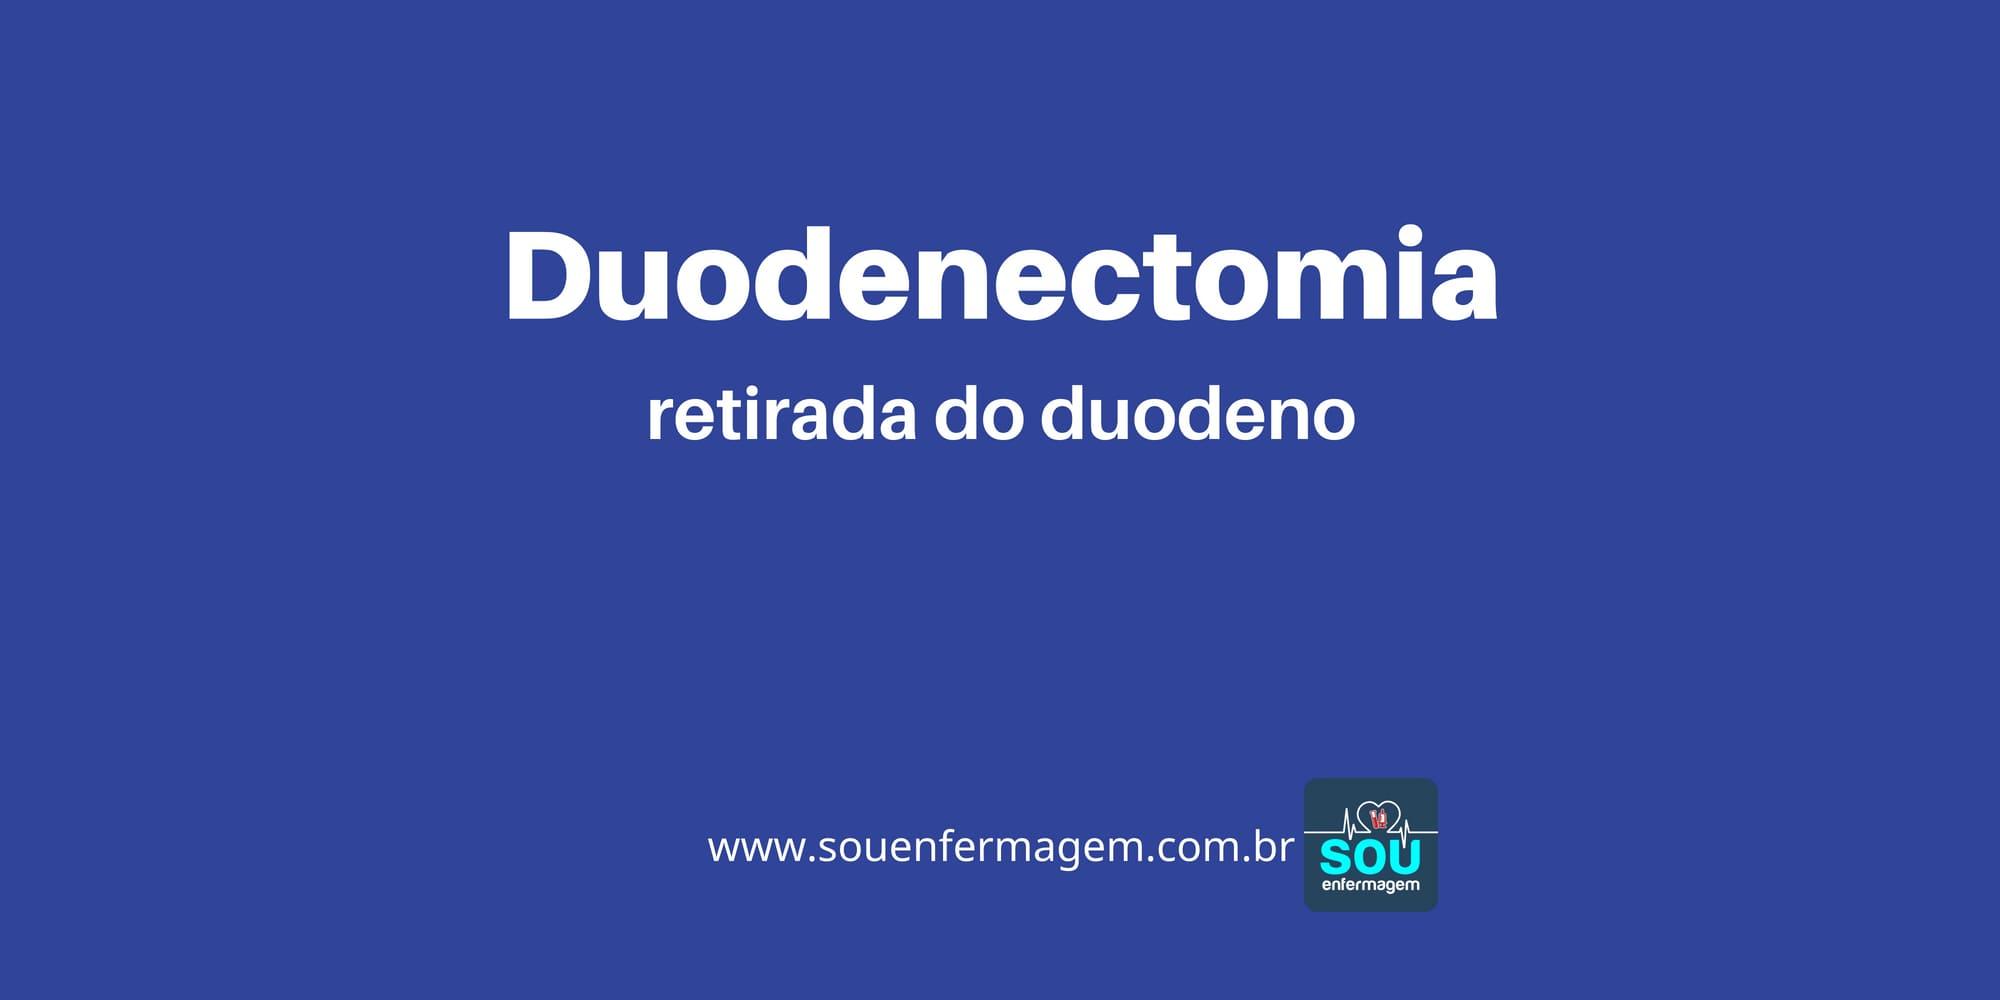 Duodenectomia